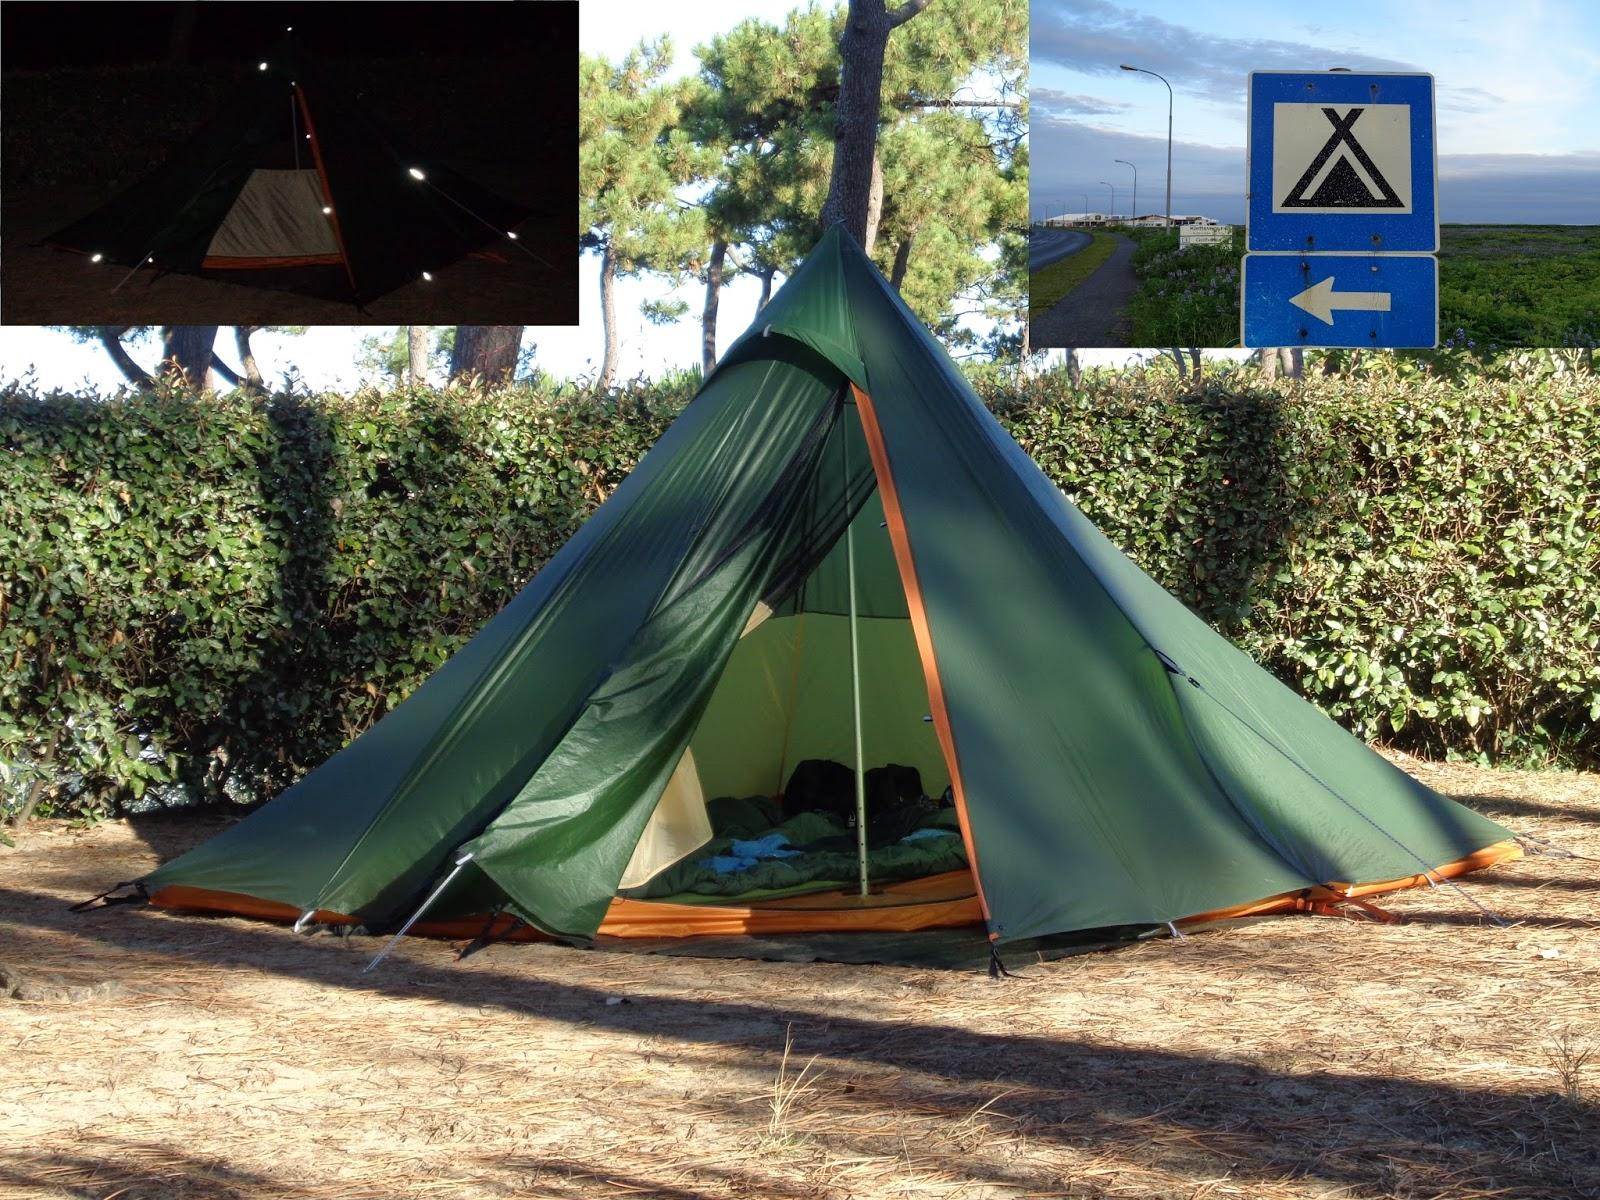 voyages moto de jean louis mon mat riel de camping adapt la moto en duo sur de longs trajets. Black Bedroom Furniture Sets. Home Design Ideas